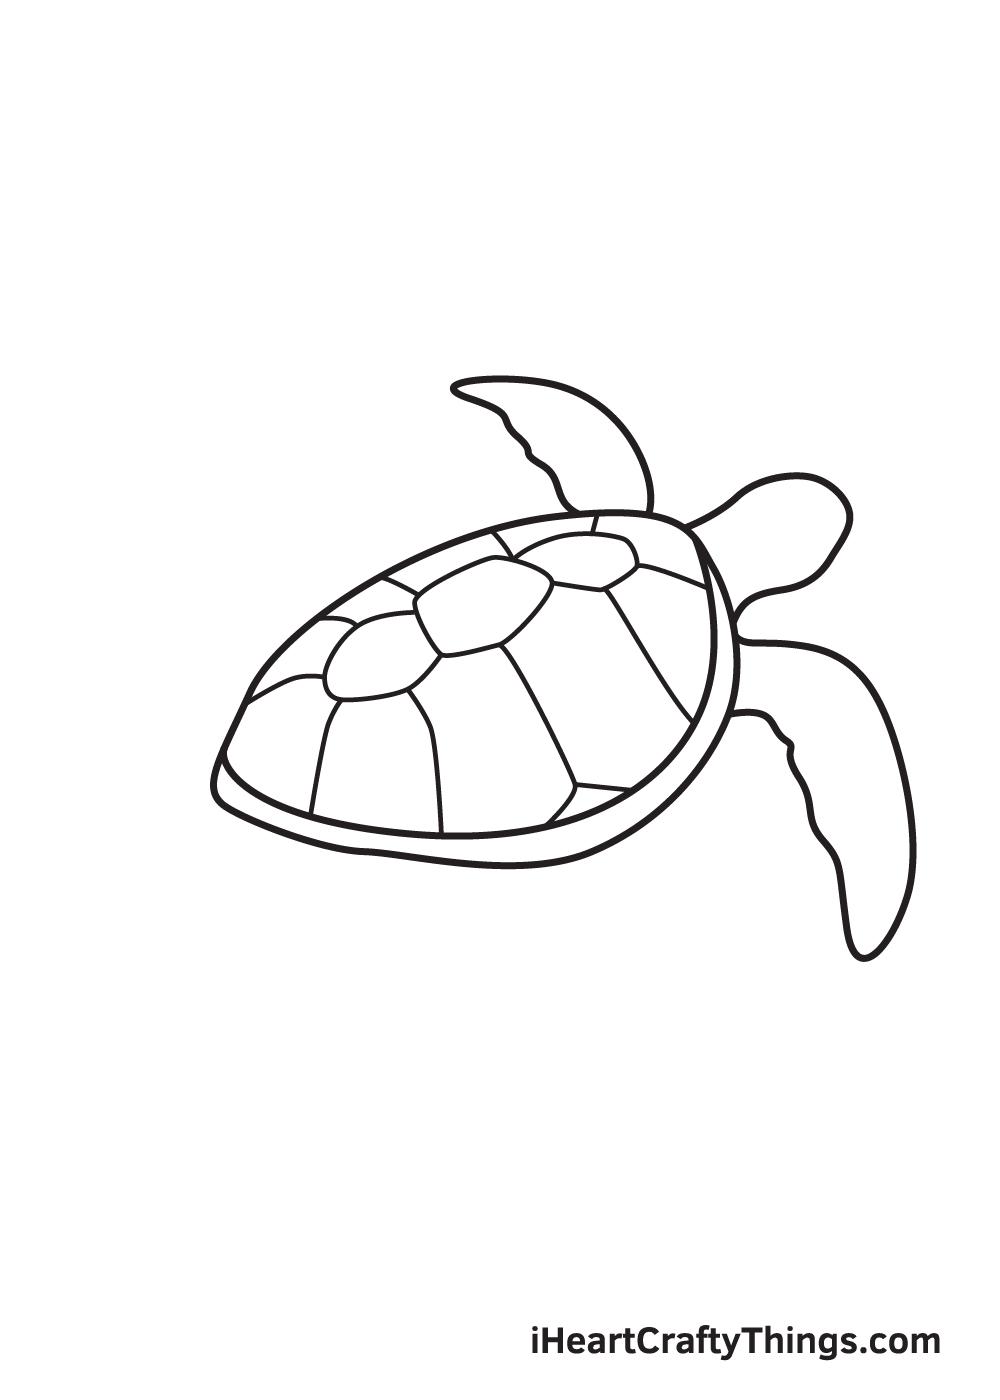 Vẽ rùa biển - Bước 7